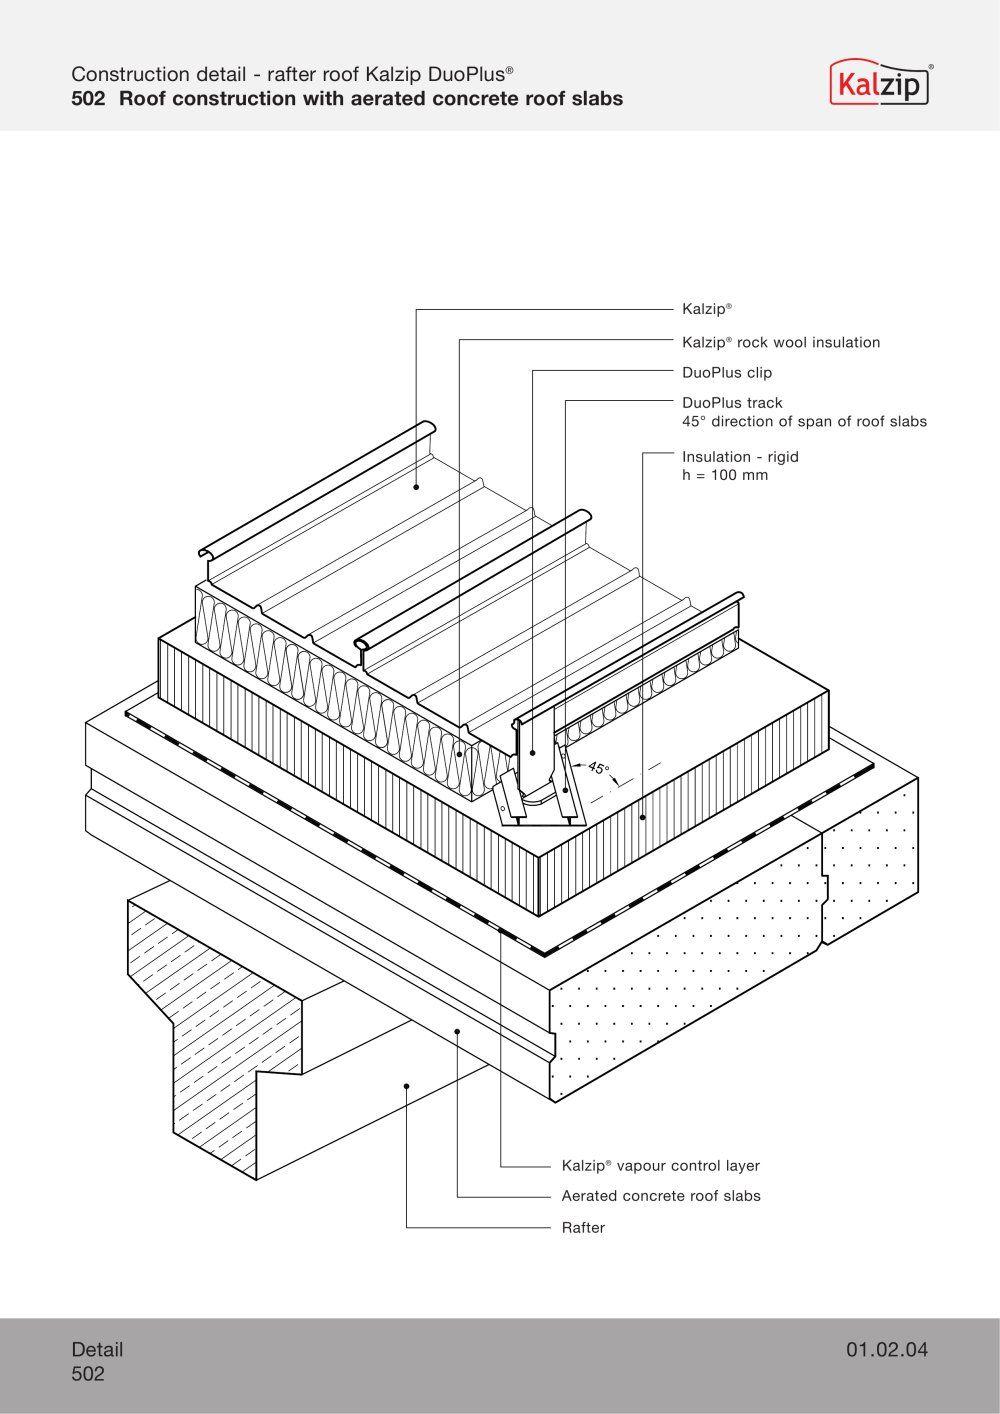 Kalzip Construction Details Archiexpo Roof Construction Construction Slab Insulation